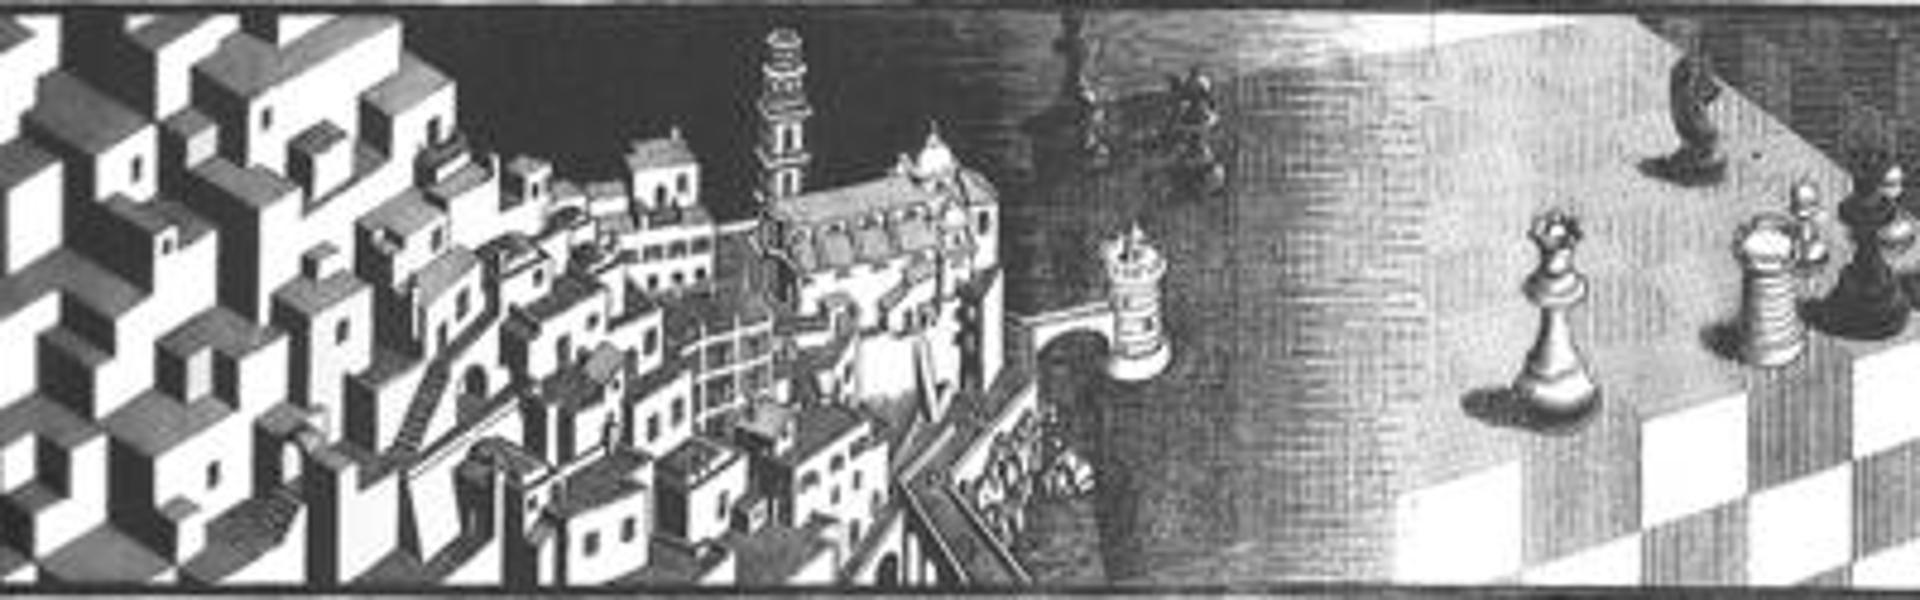 Metamorphosis II by M.C. Escher